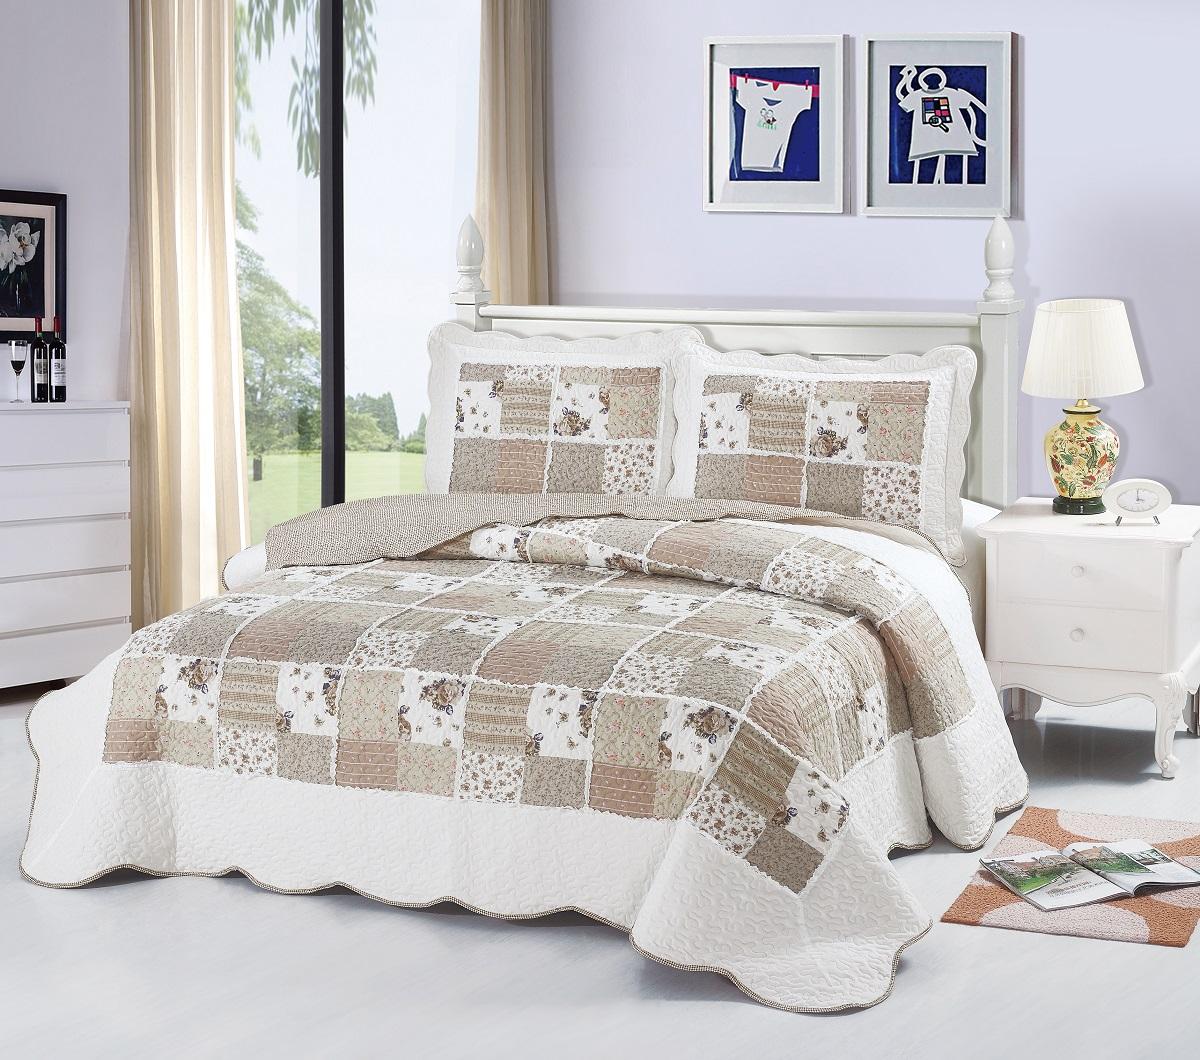 Комплект для спальни Karna Modalin. Пэчворк: покрывало 230 х 250 см, 2 наволочки 50 х 70 см, цвет: белый, бежевый5022/CHAR010Изысканный комплект Karna Modalin. Пэчворк прекрасно оформит интерьер спальни или гостиной. Комплект состоит из двухстороннего покрывала и двух наволочек. Изделия изготовлены из микрофибры. Постельные комплекты Karna уникальны, так как они практичны и универсальны в использовании. Материал хорошо сохраняет окраску и форму. Изделия долговечны, надежны и легко стираются. Комплект Karna не только подарит тепло, но и гармонично впишется в интерьер вашего дома. Размер покрывала: 230 х 250 см. Размер наволочки: 50 х 70 см.